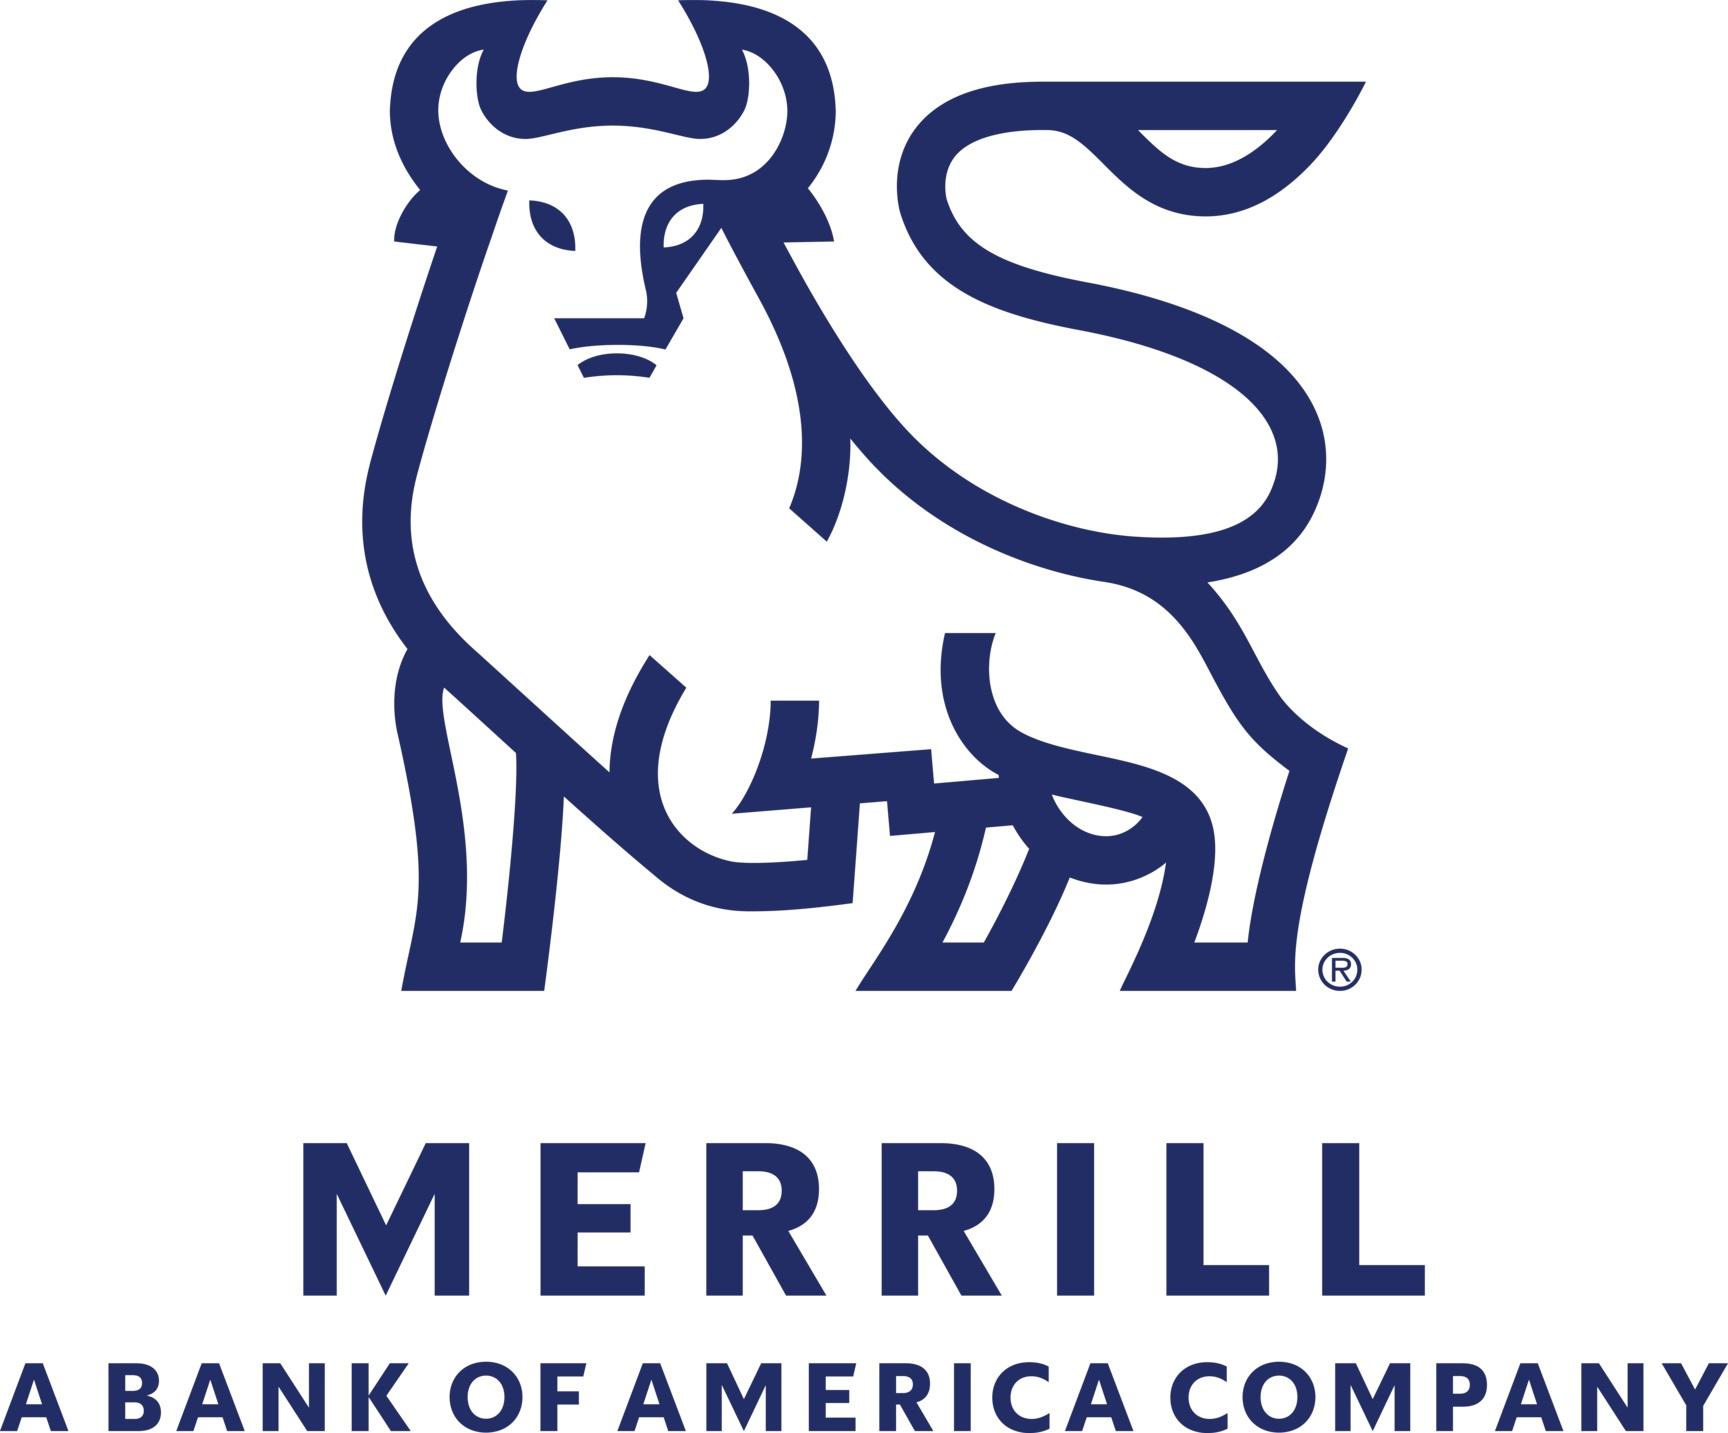 merrill_lo2_rgb_Digital%5B1%5D+%282%29.jpg